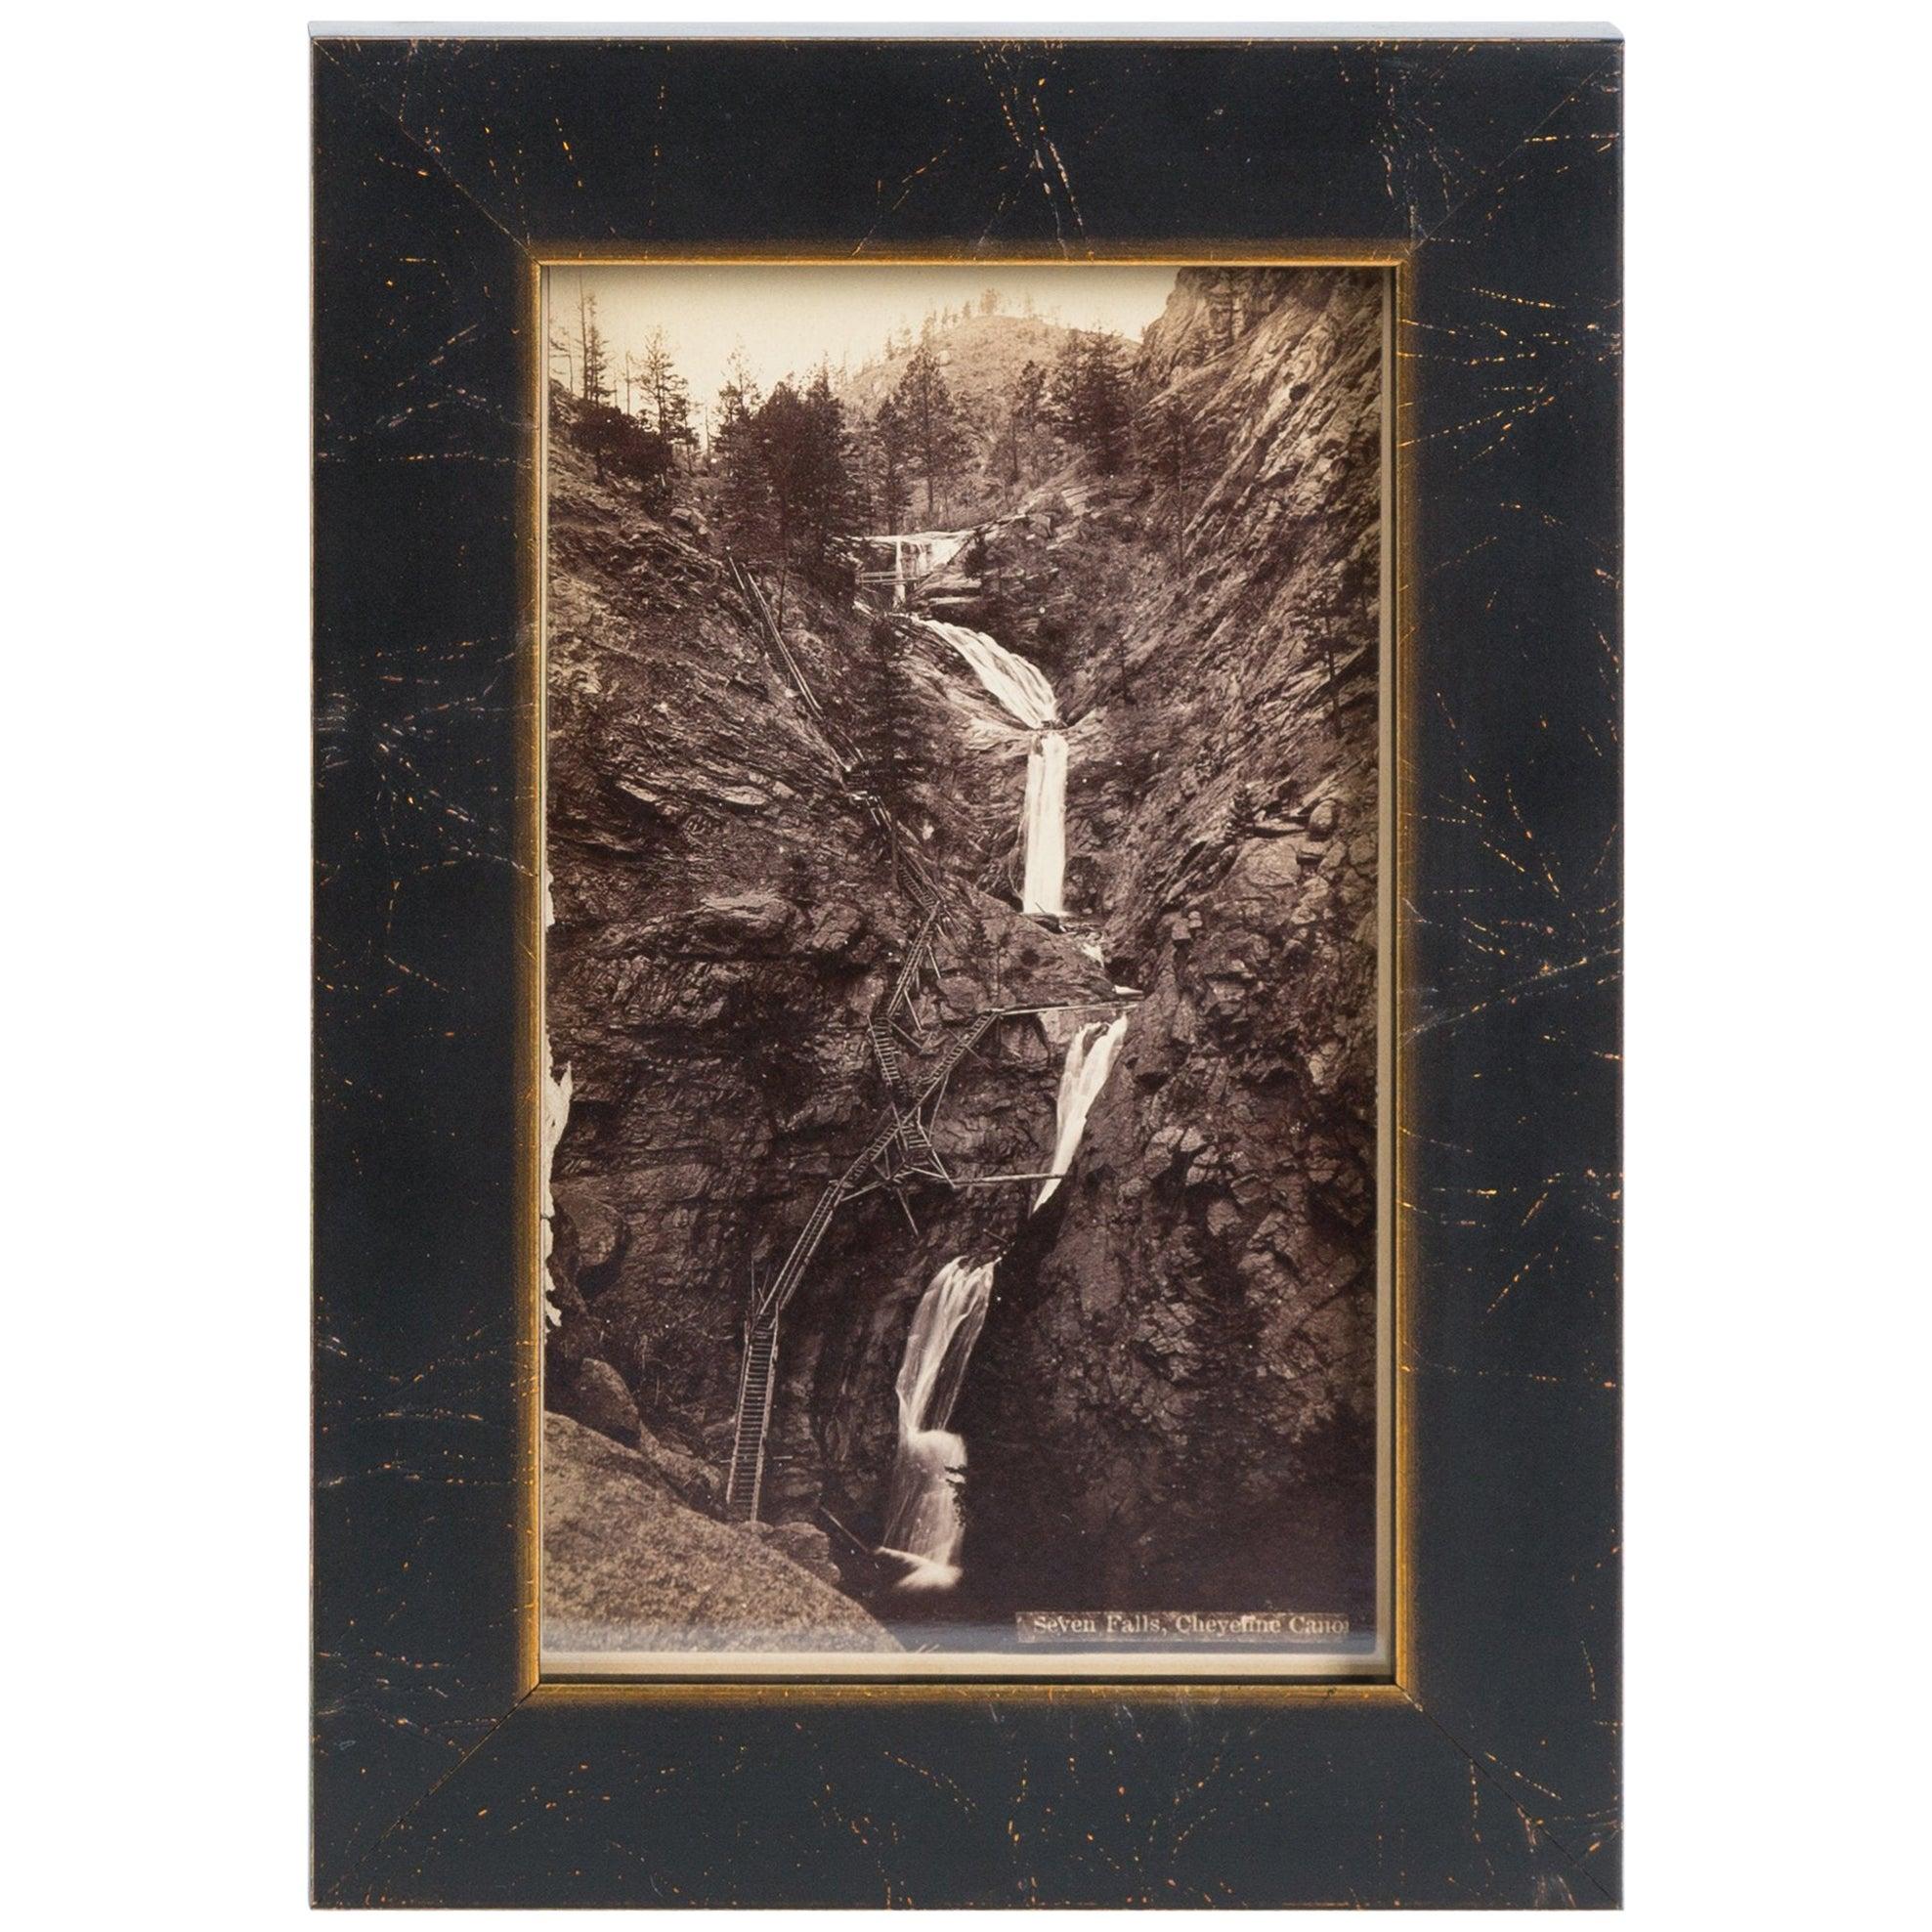 Seven Falls Colorado Springs Antique Photographic Postcard, circa 1880